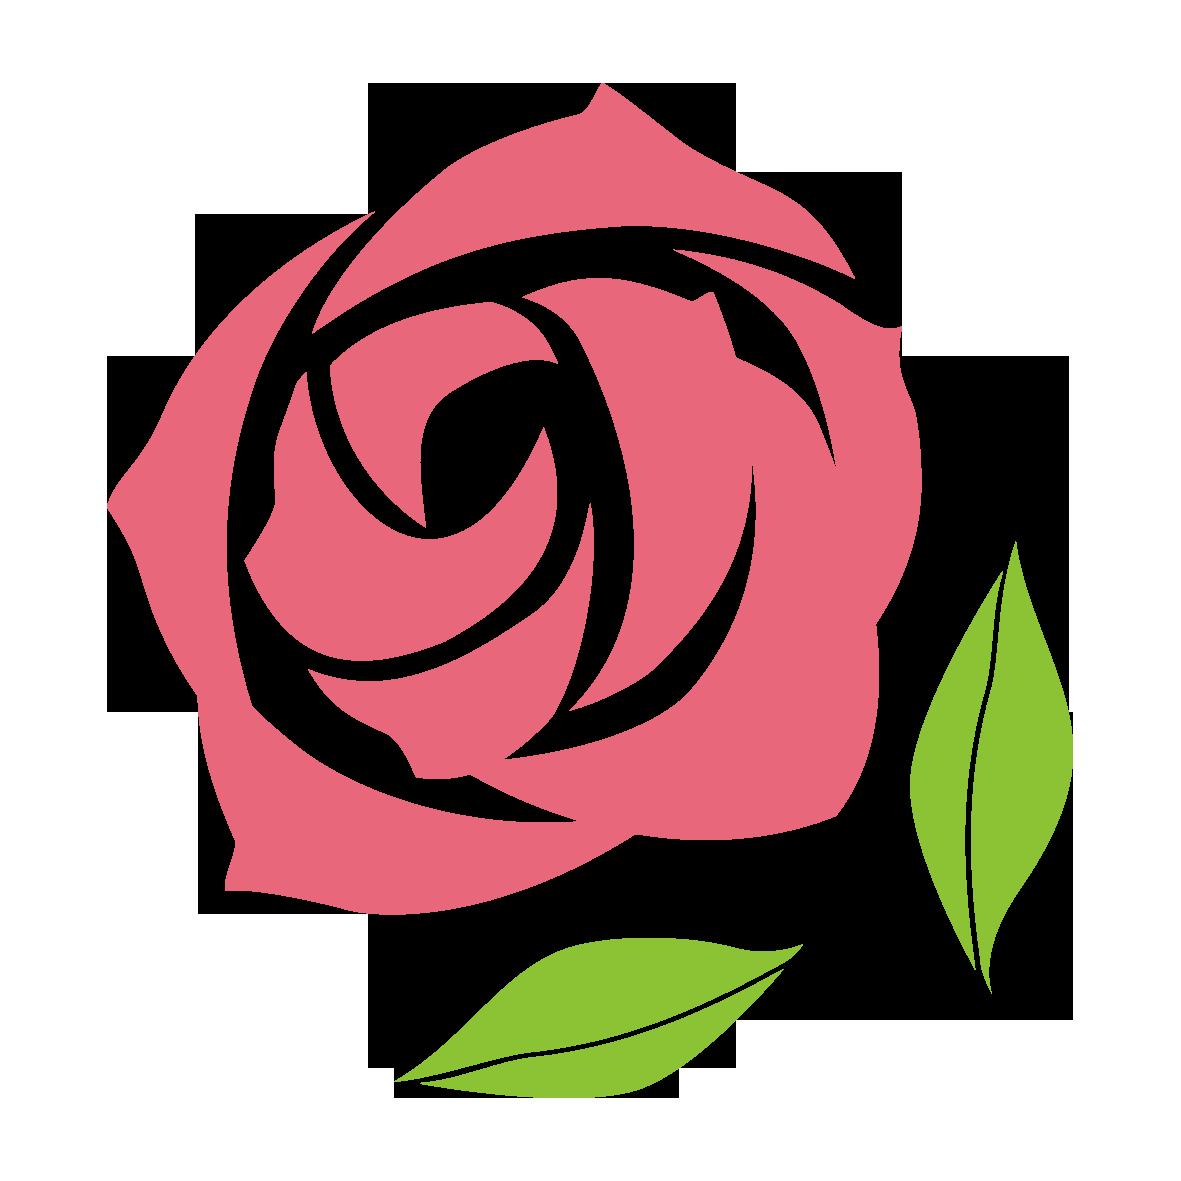 シンプルなバラの花のイラストです。ちょっとした飾りに最適!花の色がピンクなので、柔らかい印象です。